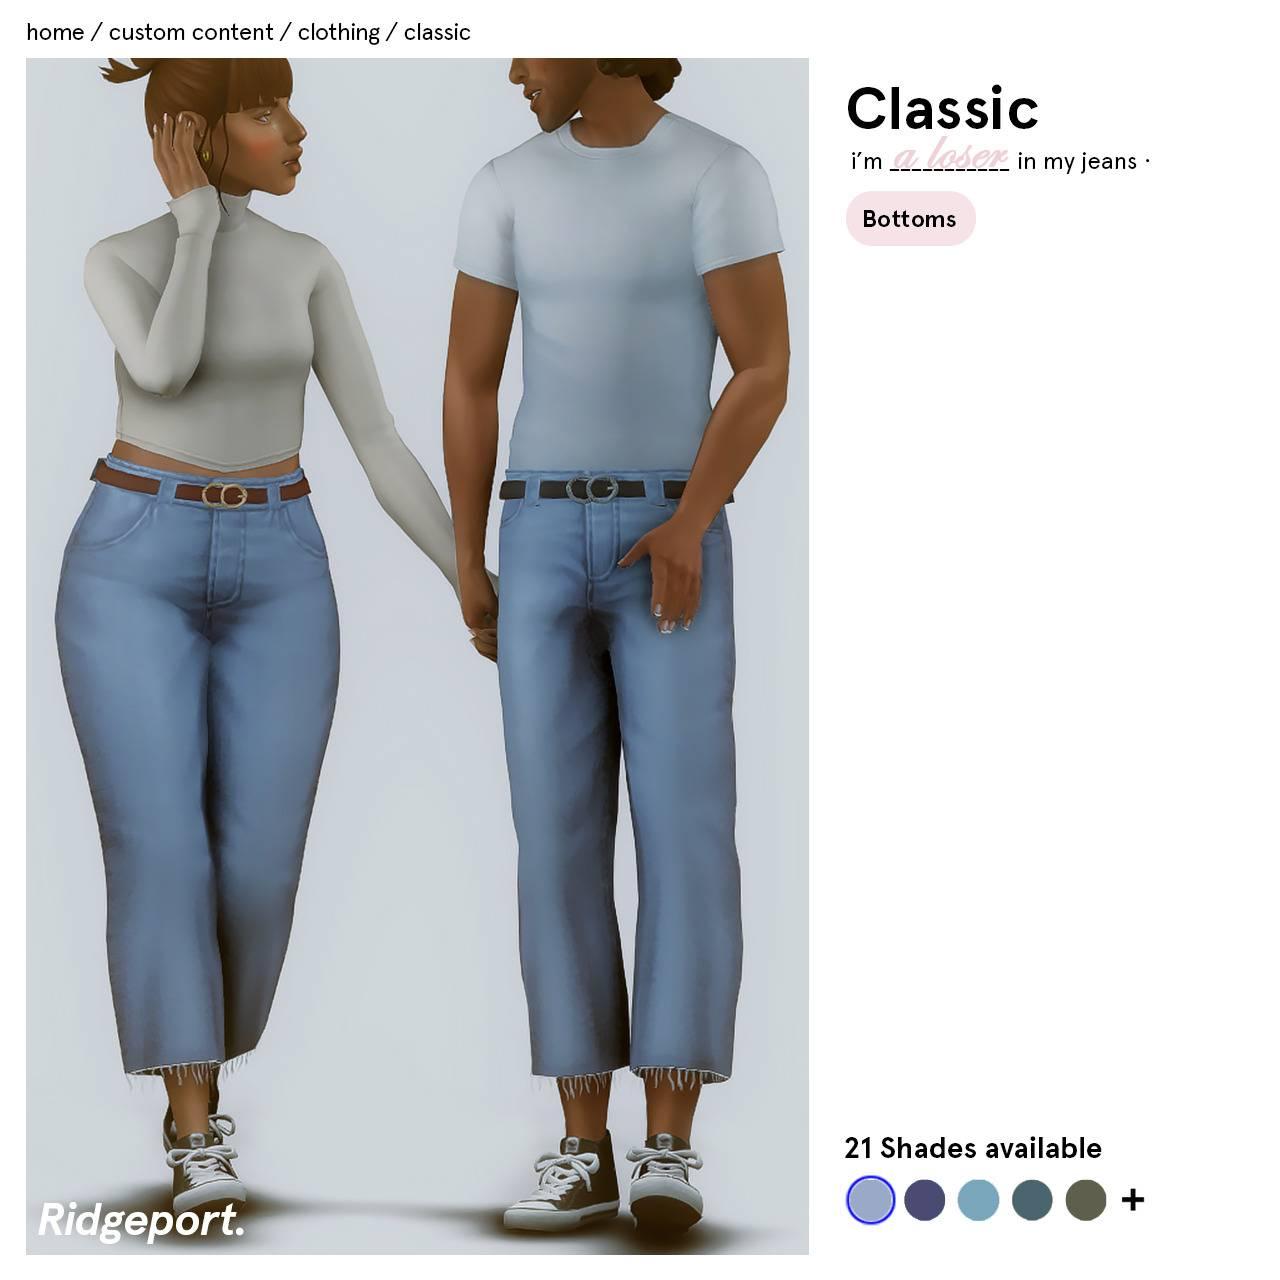 Набор одежды для мужчин и женщин - classic jeans and bronte sweater